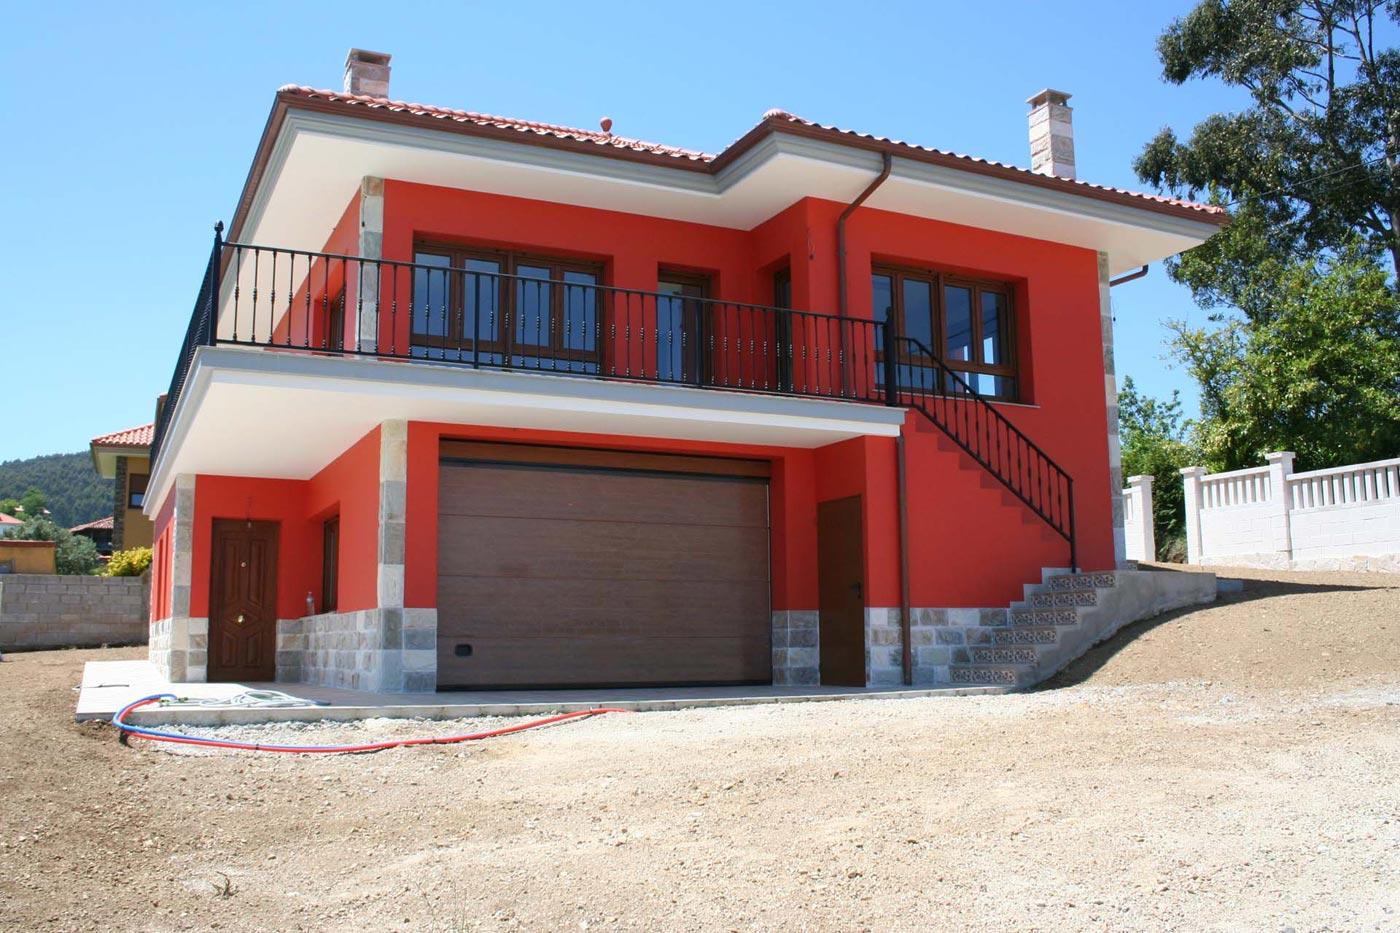 Arquitecto en cudillero asturias villazain3 - Arquitectos asturias ...